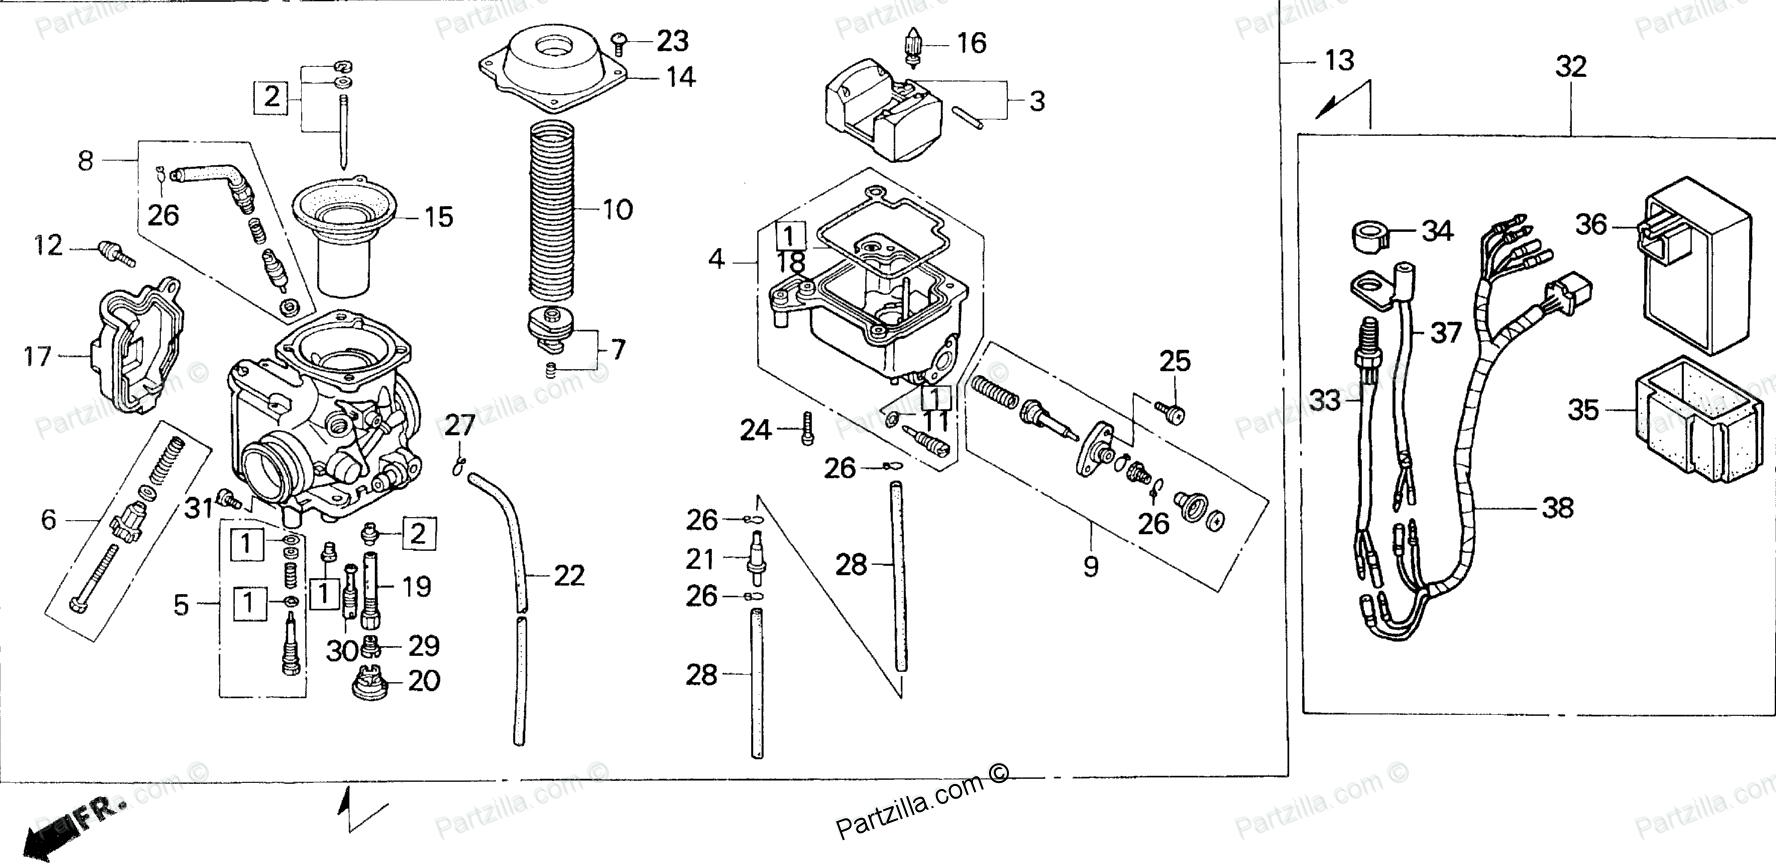 Honda Atv 1999 Oem Parts Diagram For Carburetor Partzilla Com Rh Pinterest  Com Honda HRR216 Parts